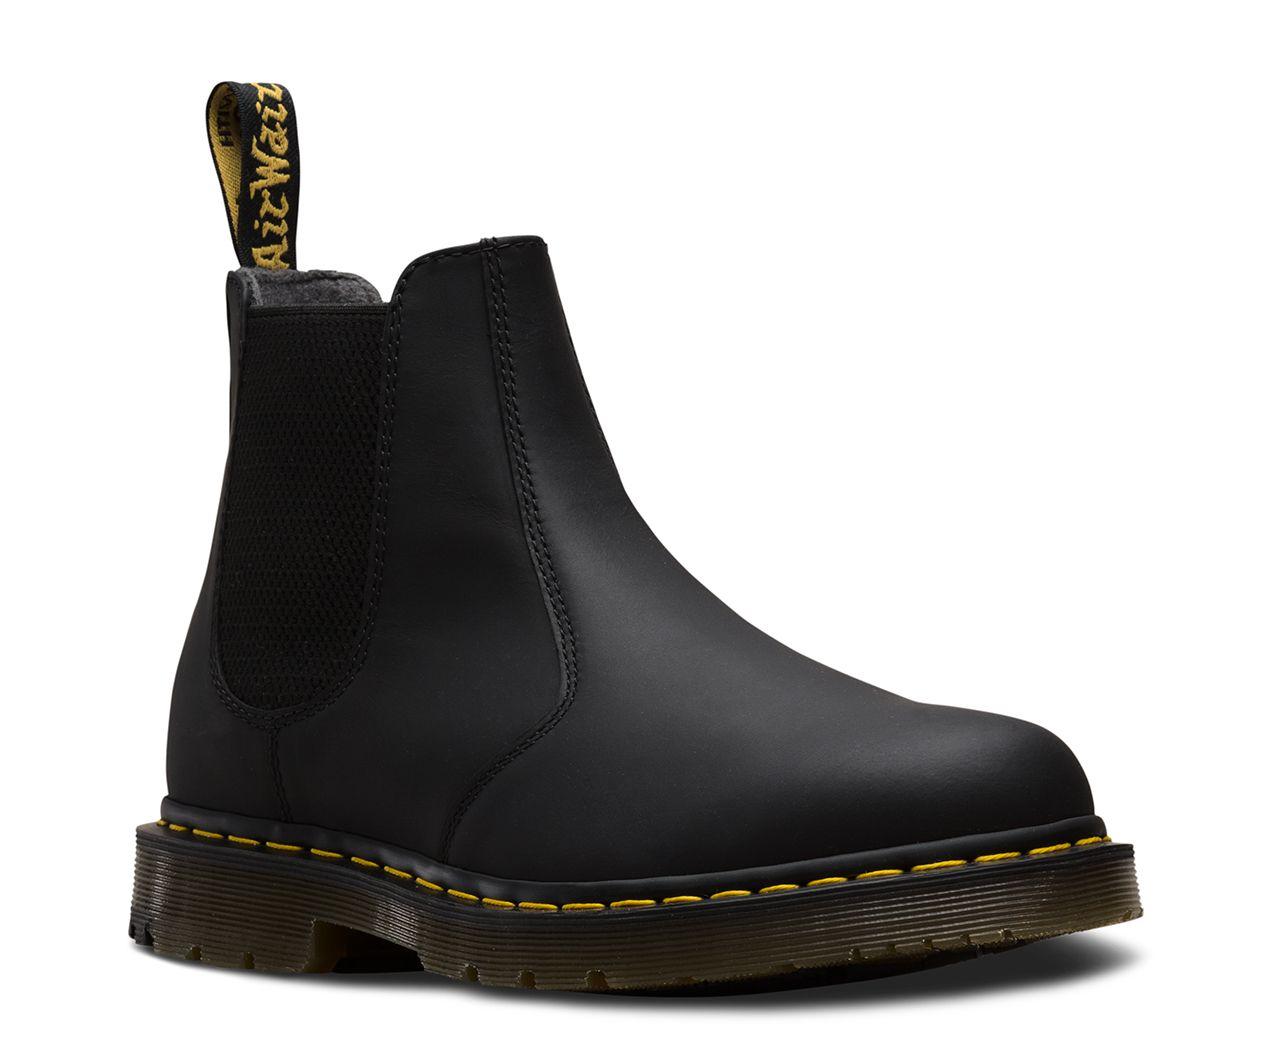 uk halpa myynti paras verkkosivusto klassiset tyylit Dr martens 2976 dm's wintergrip chelsea boots in 2019 ...